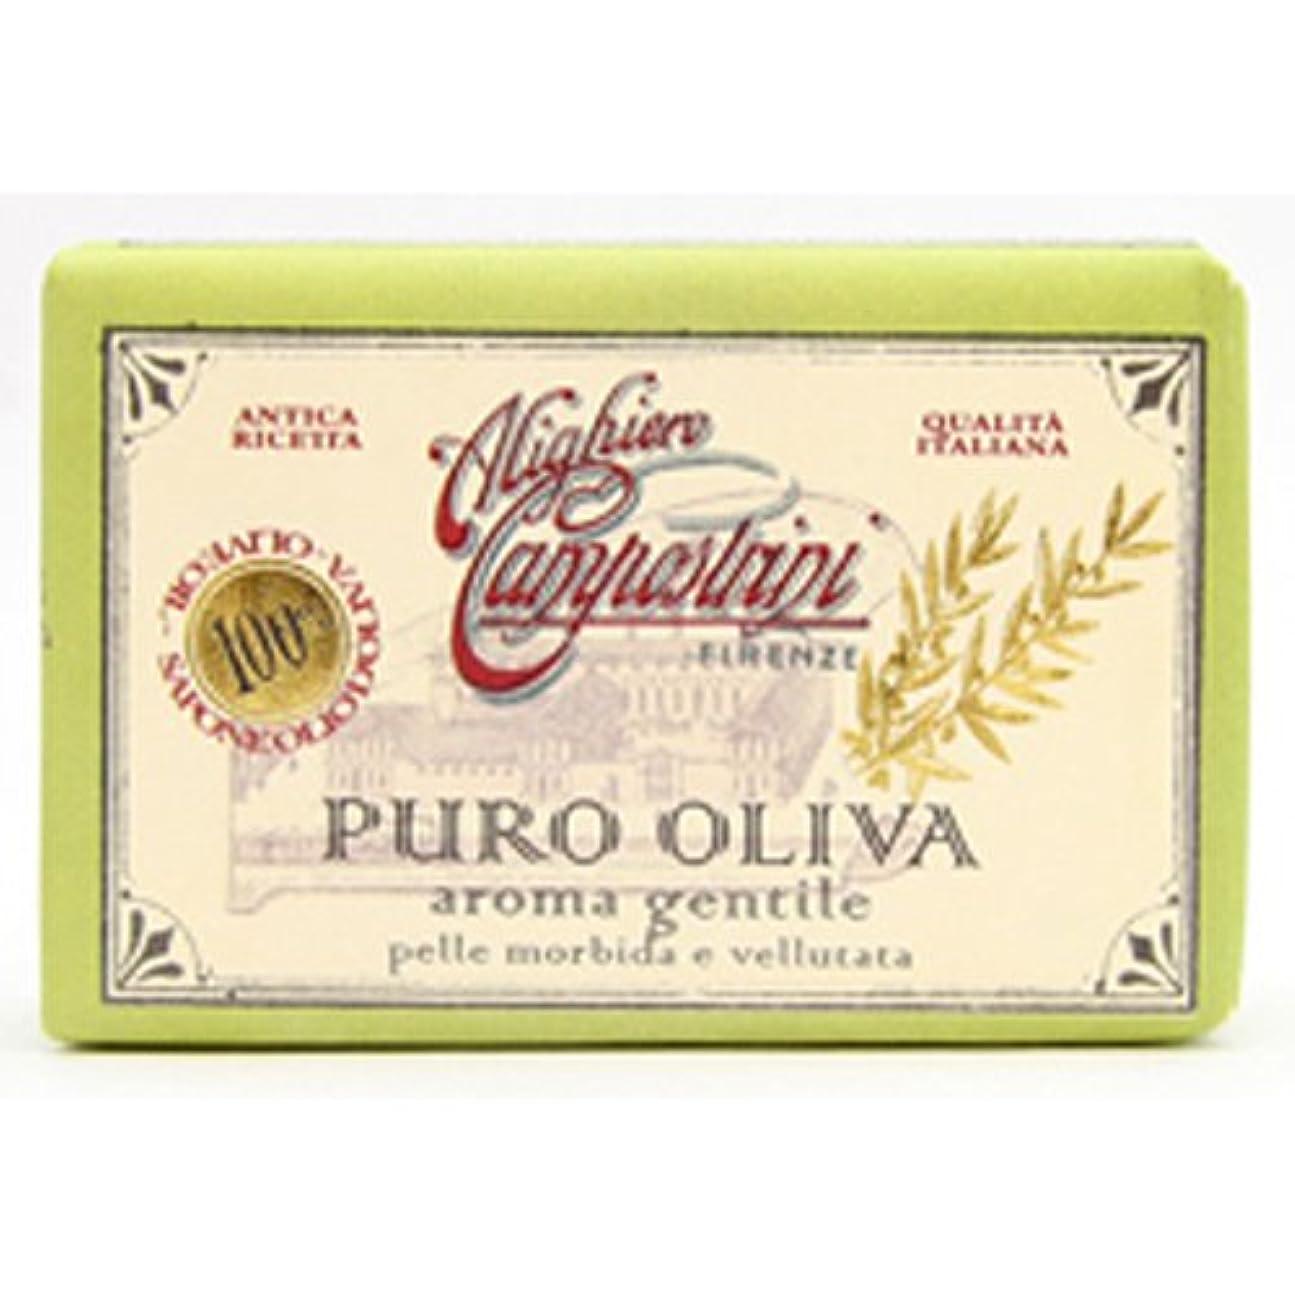 マダムびっくりした暗記するSaponerire Fissi サポネリーフィッシー PURO OLIVA Soap オリーブオイル ピュロ ソープ Aroma gentile ジェントル(グリーン)